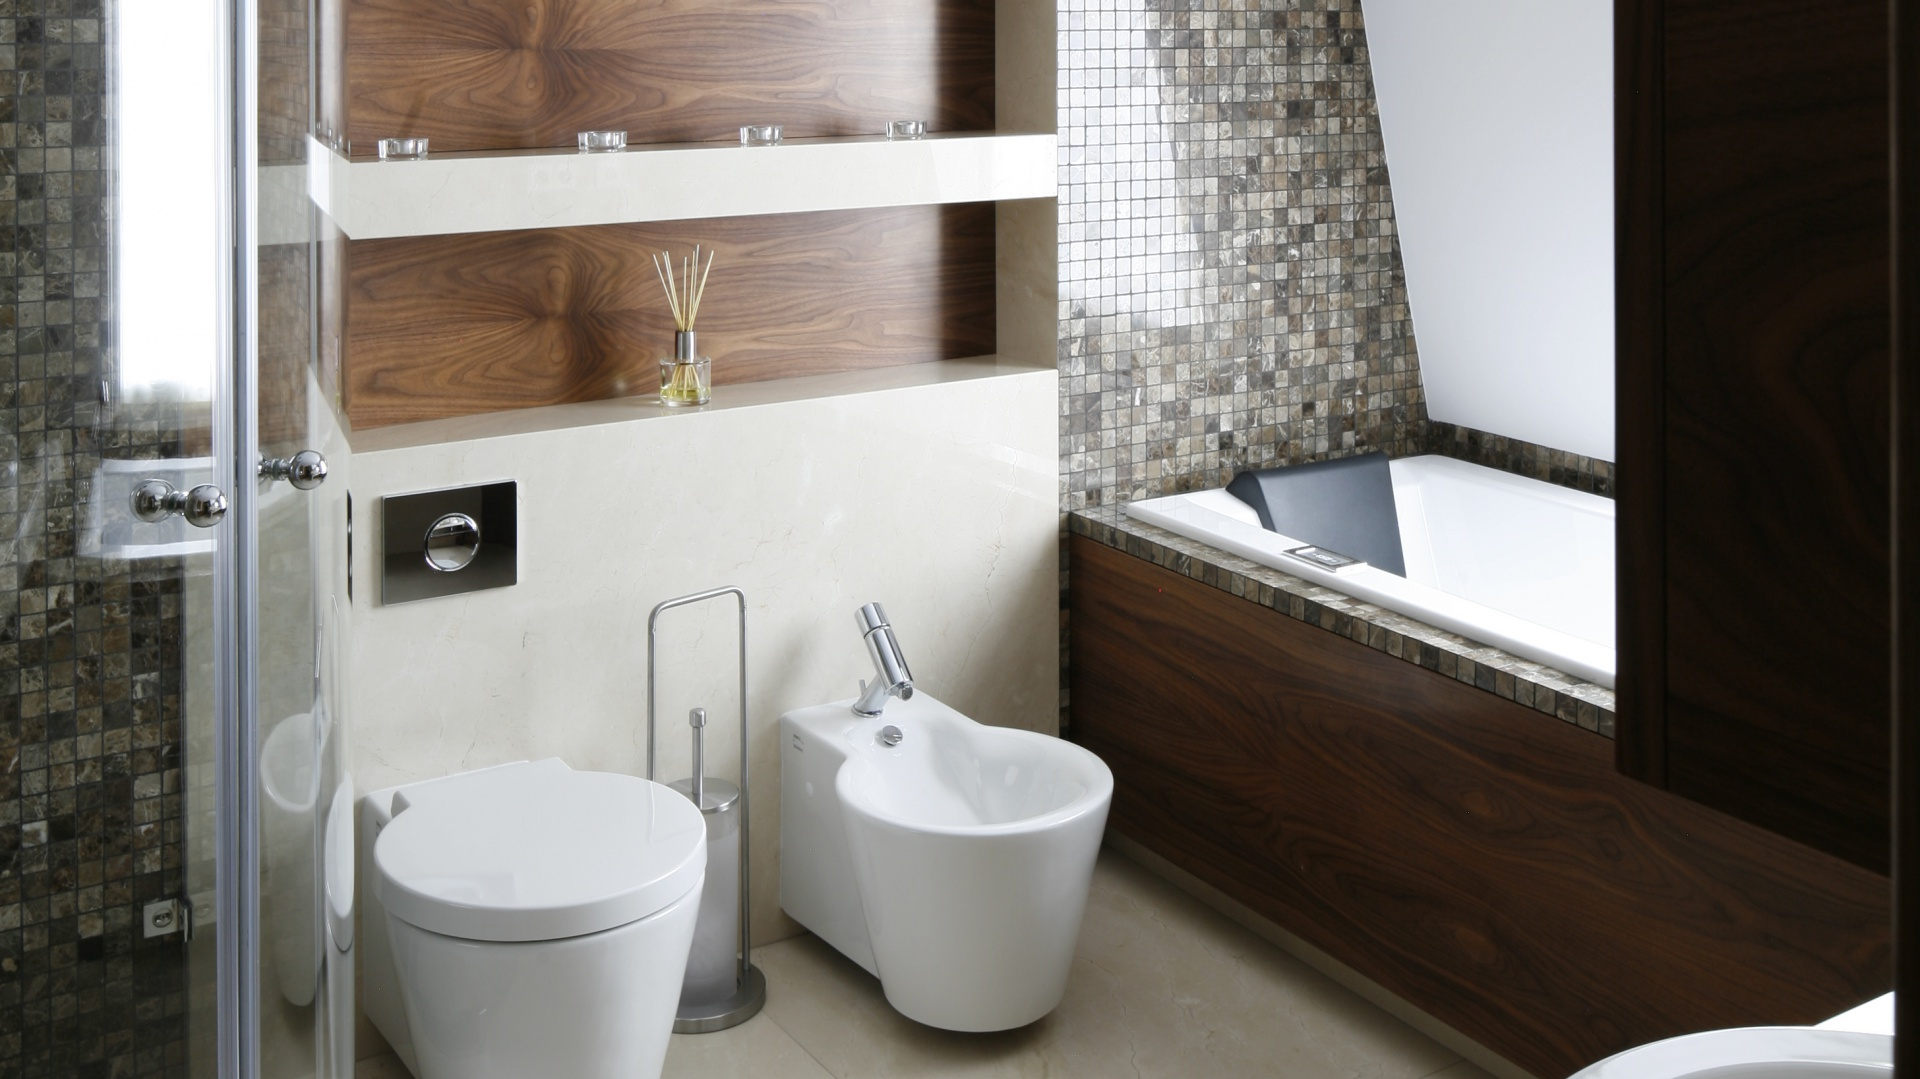 łazienka Dla Dwojga Tak Możesz Ją Urządzić